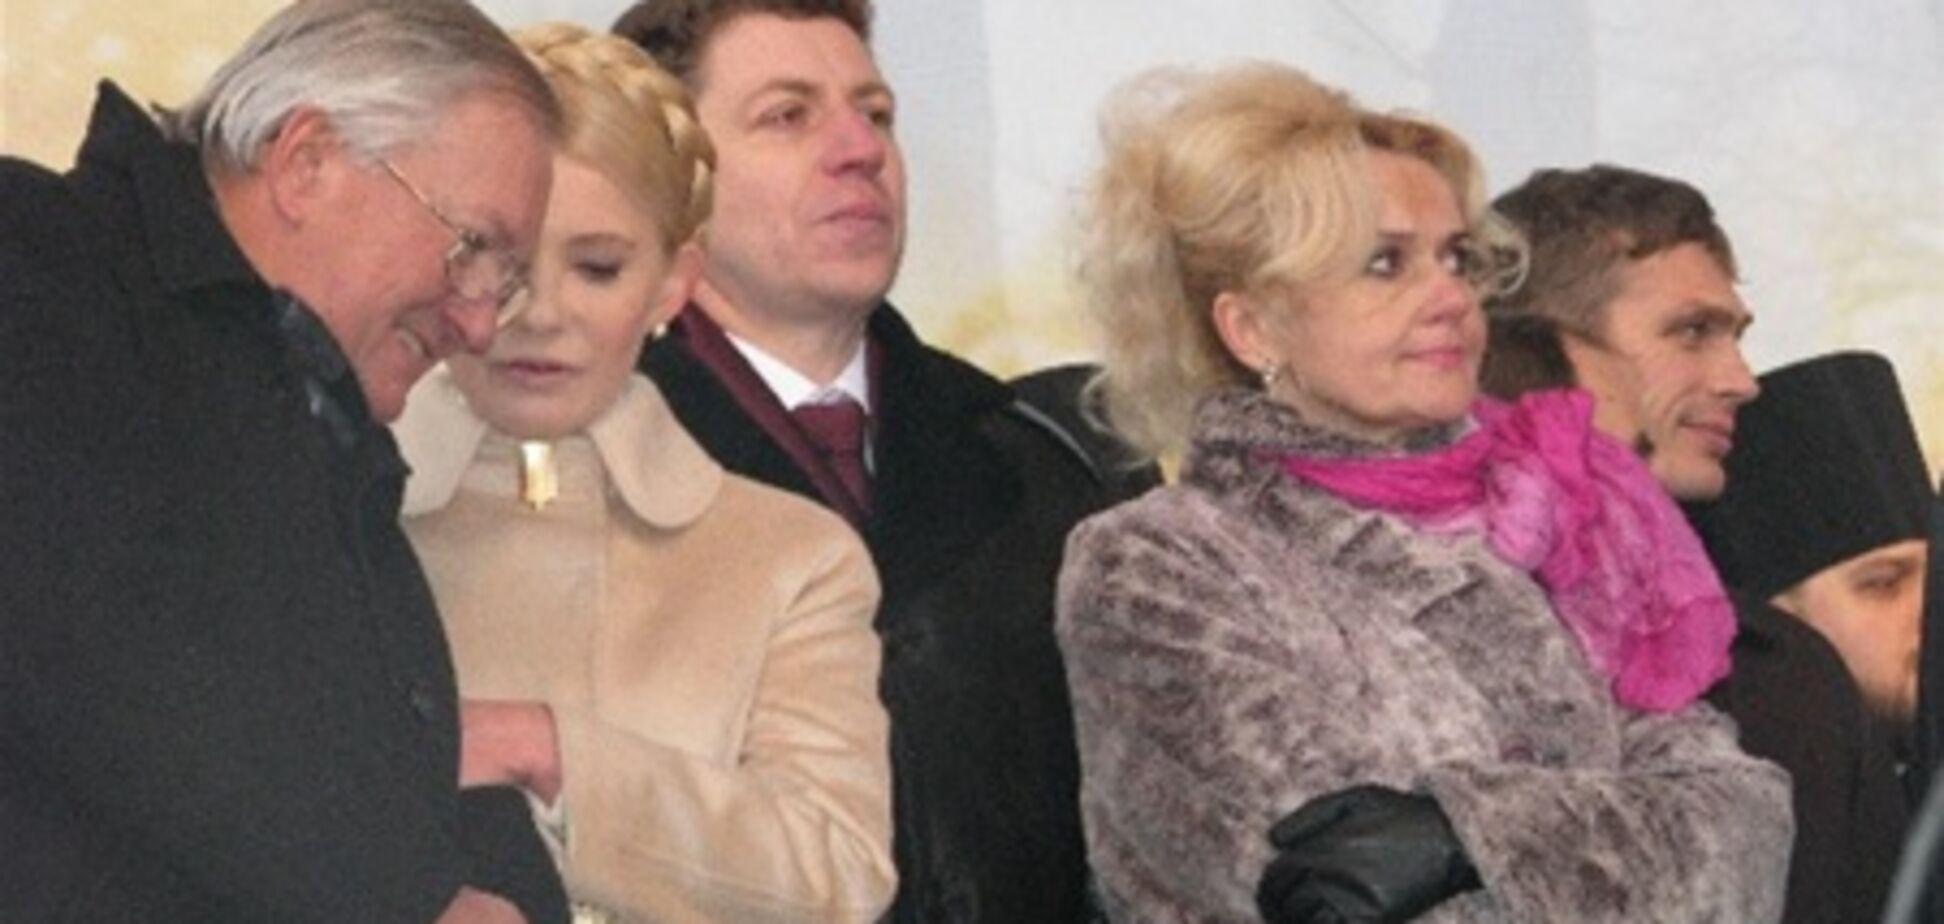 Січень-2011: Тимошенко – зі Злукою, Матіос – з фалічним символом